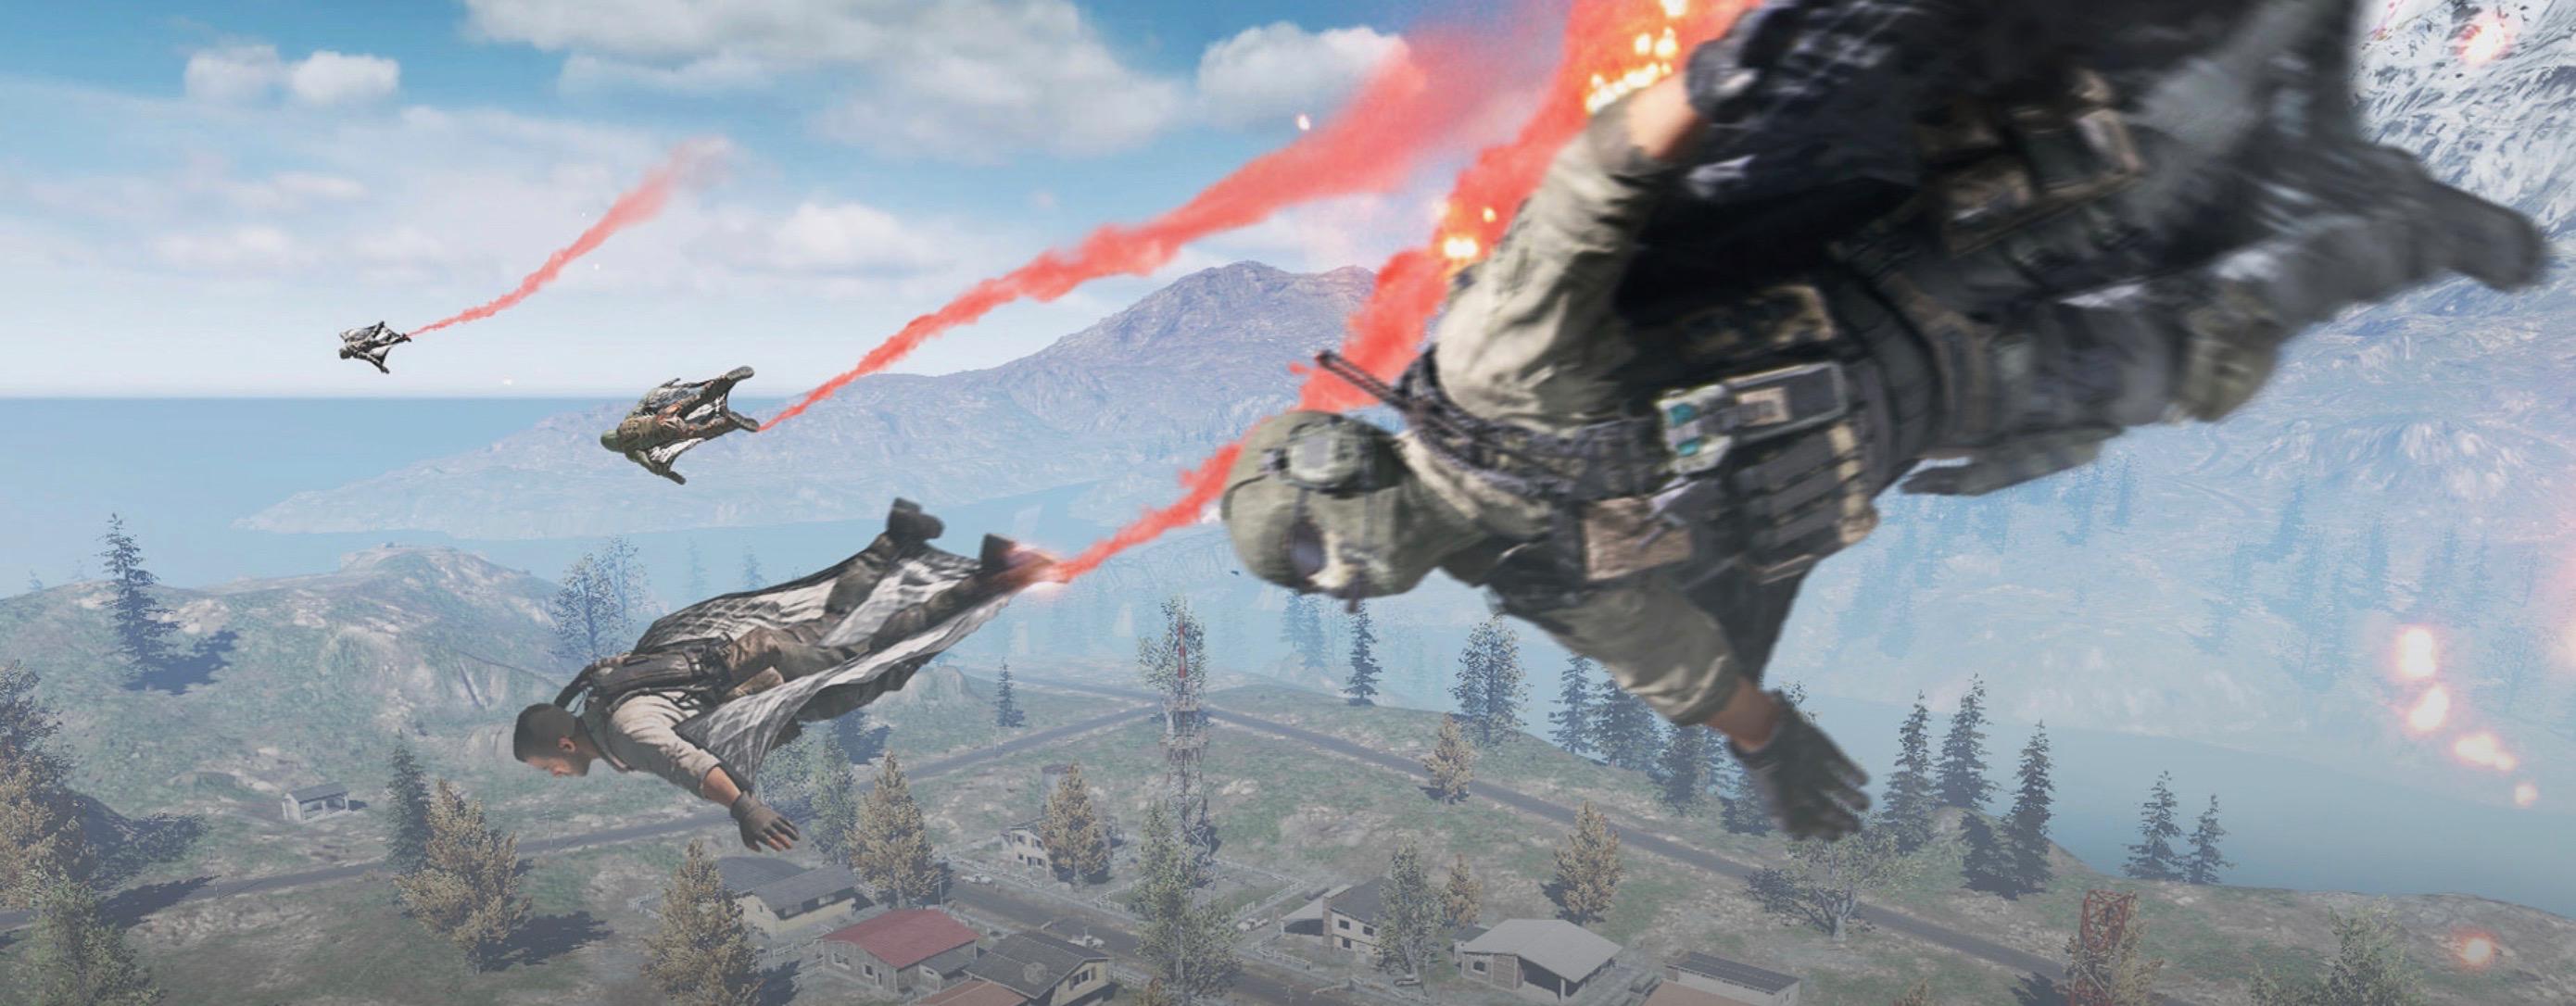 Call of Duty Mobile startet mit Problemen – Aber ist sofort ein Hit